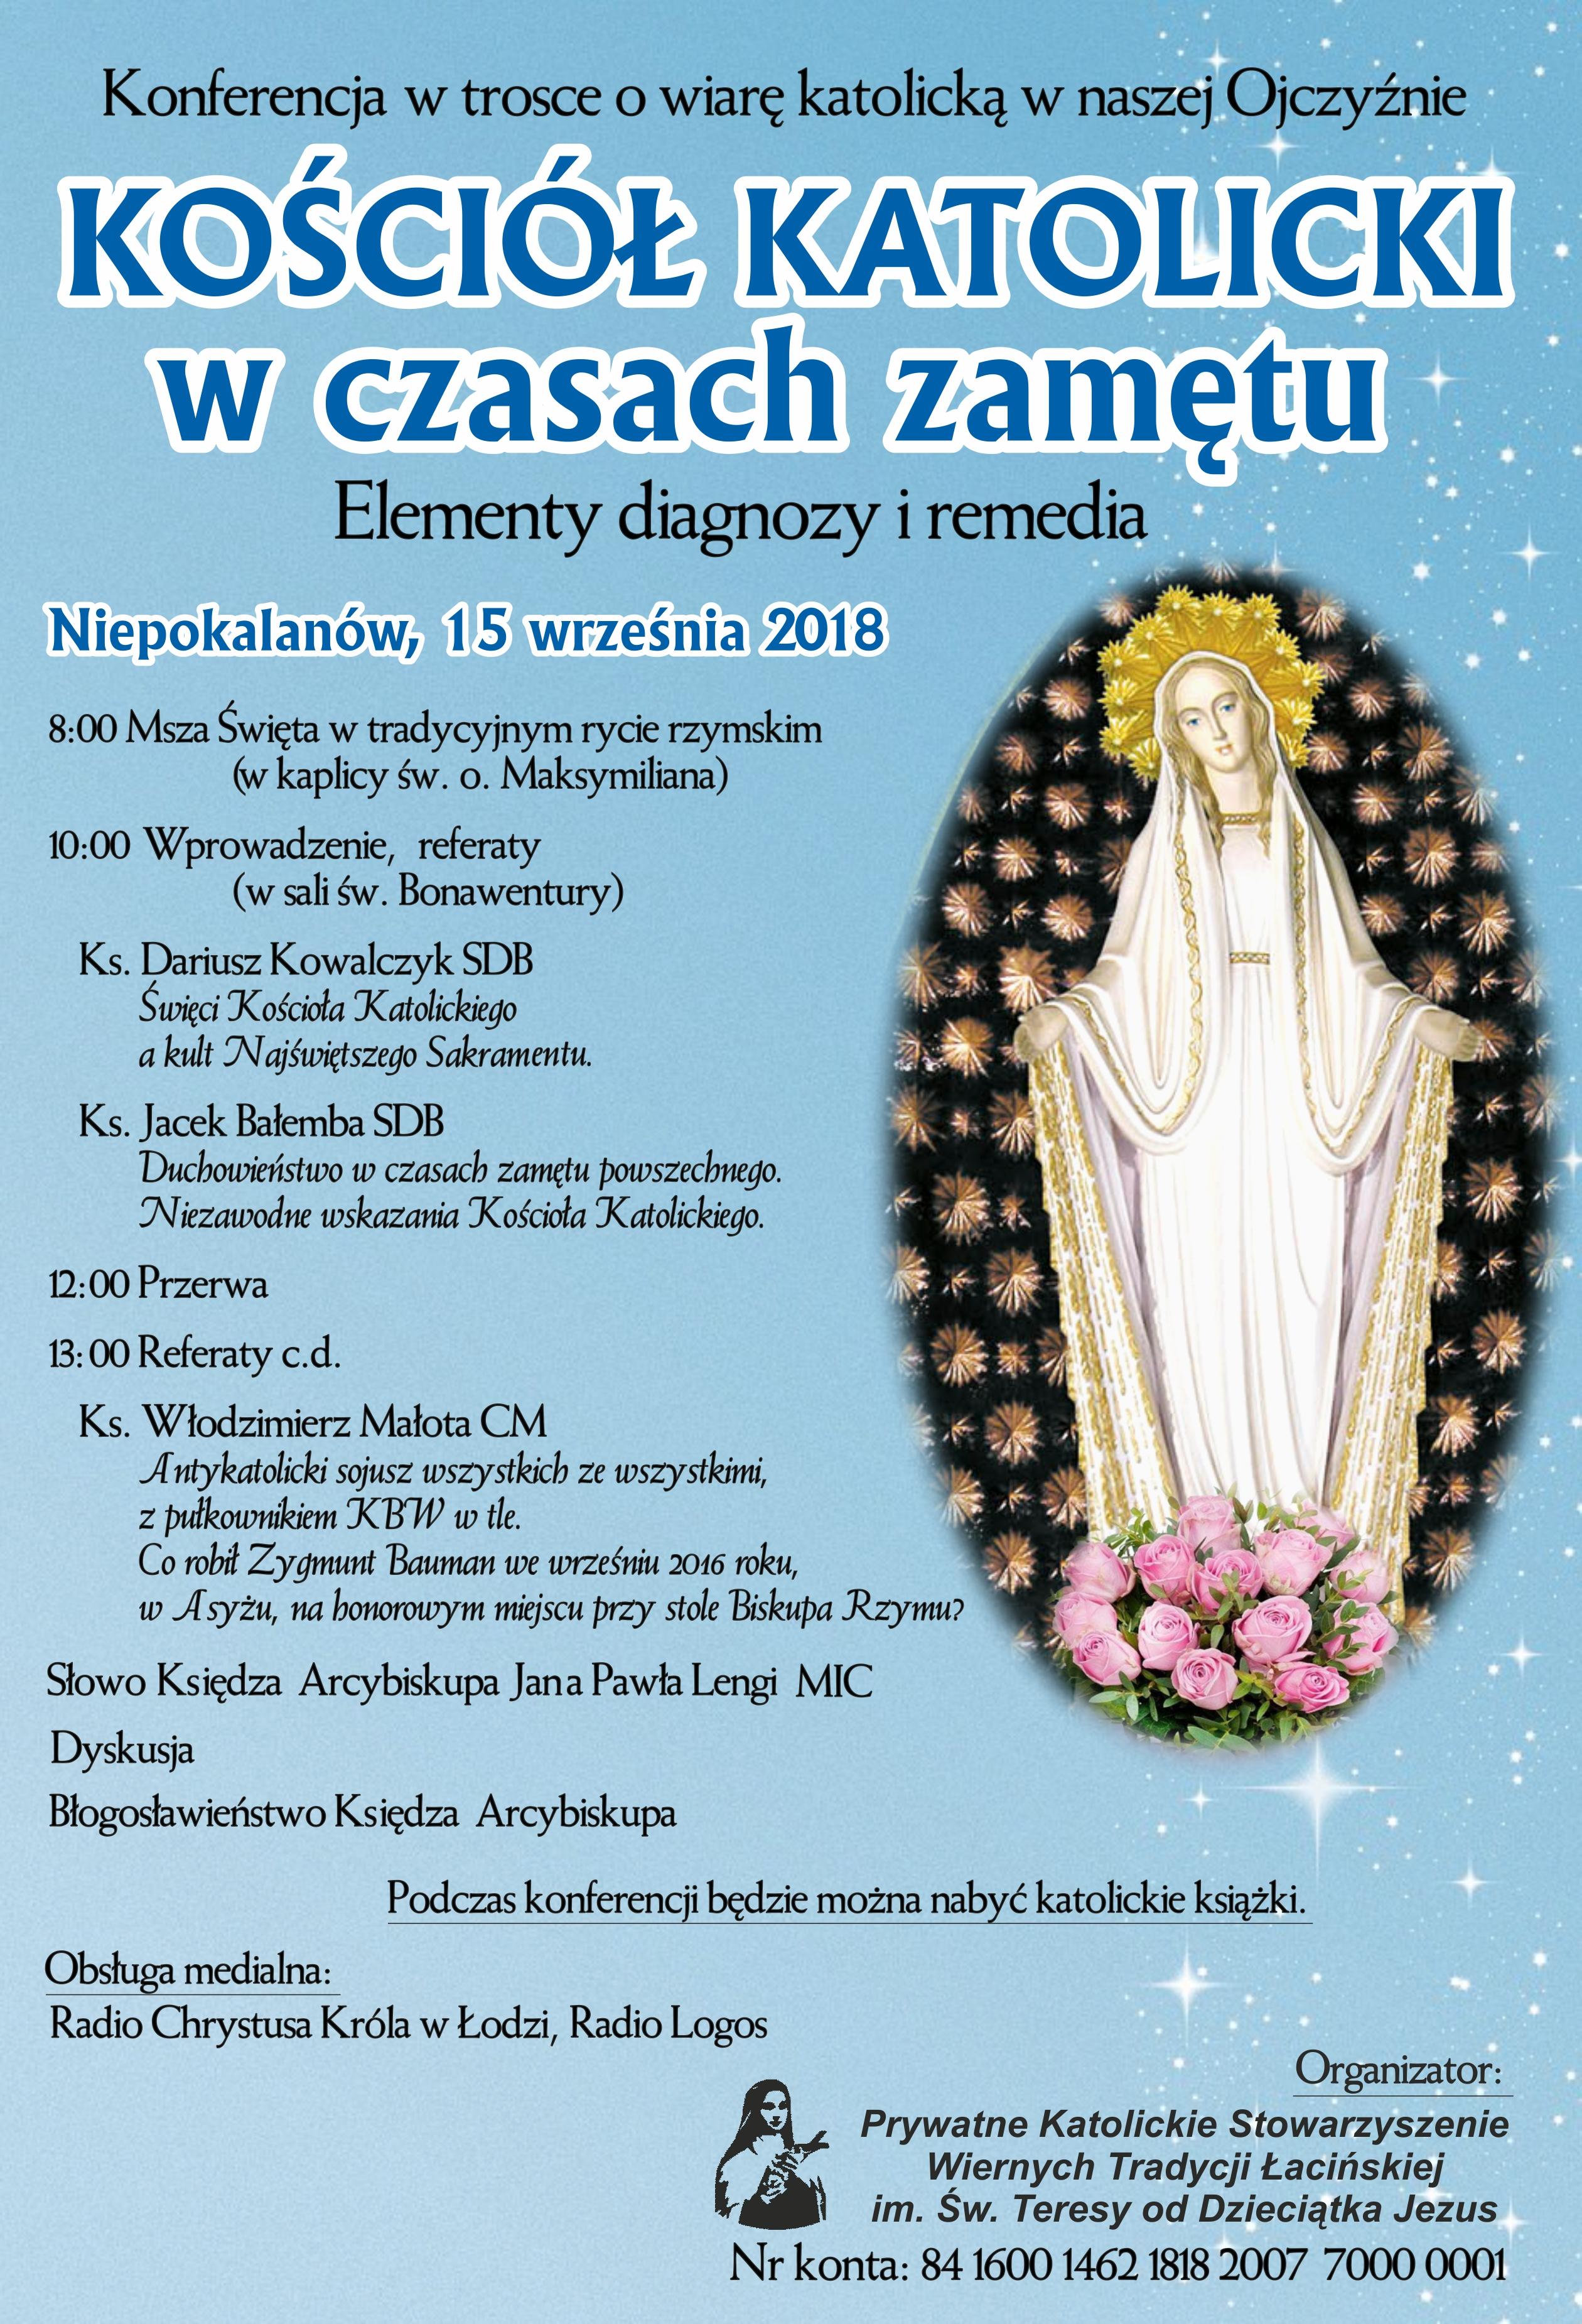 Ks Dariusz Kowalczyk Sdb święci Kościoła Katolickiego A Kult